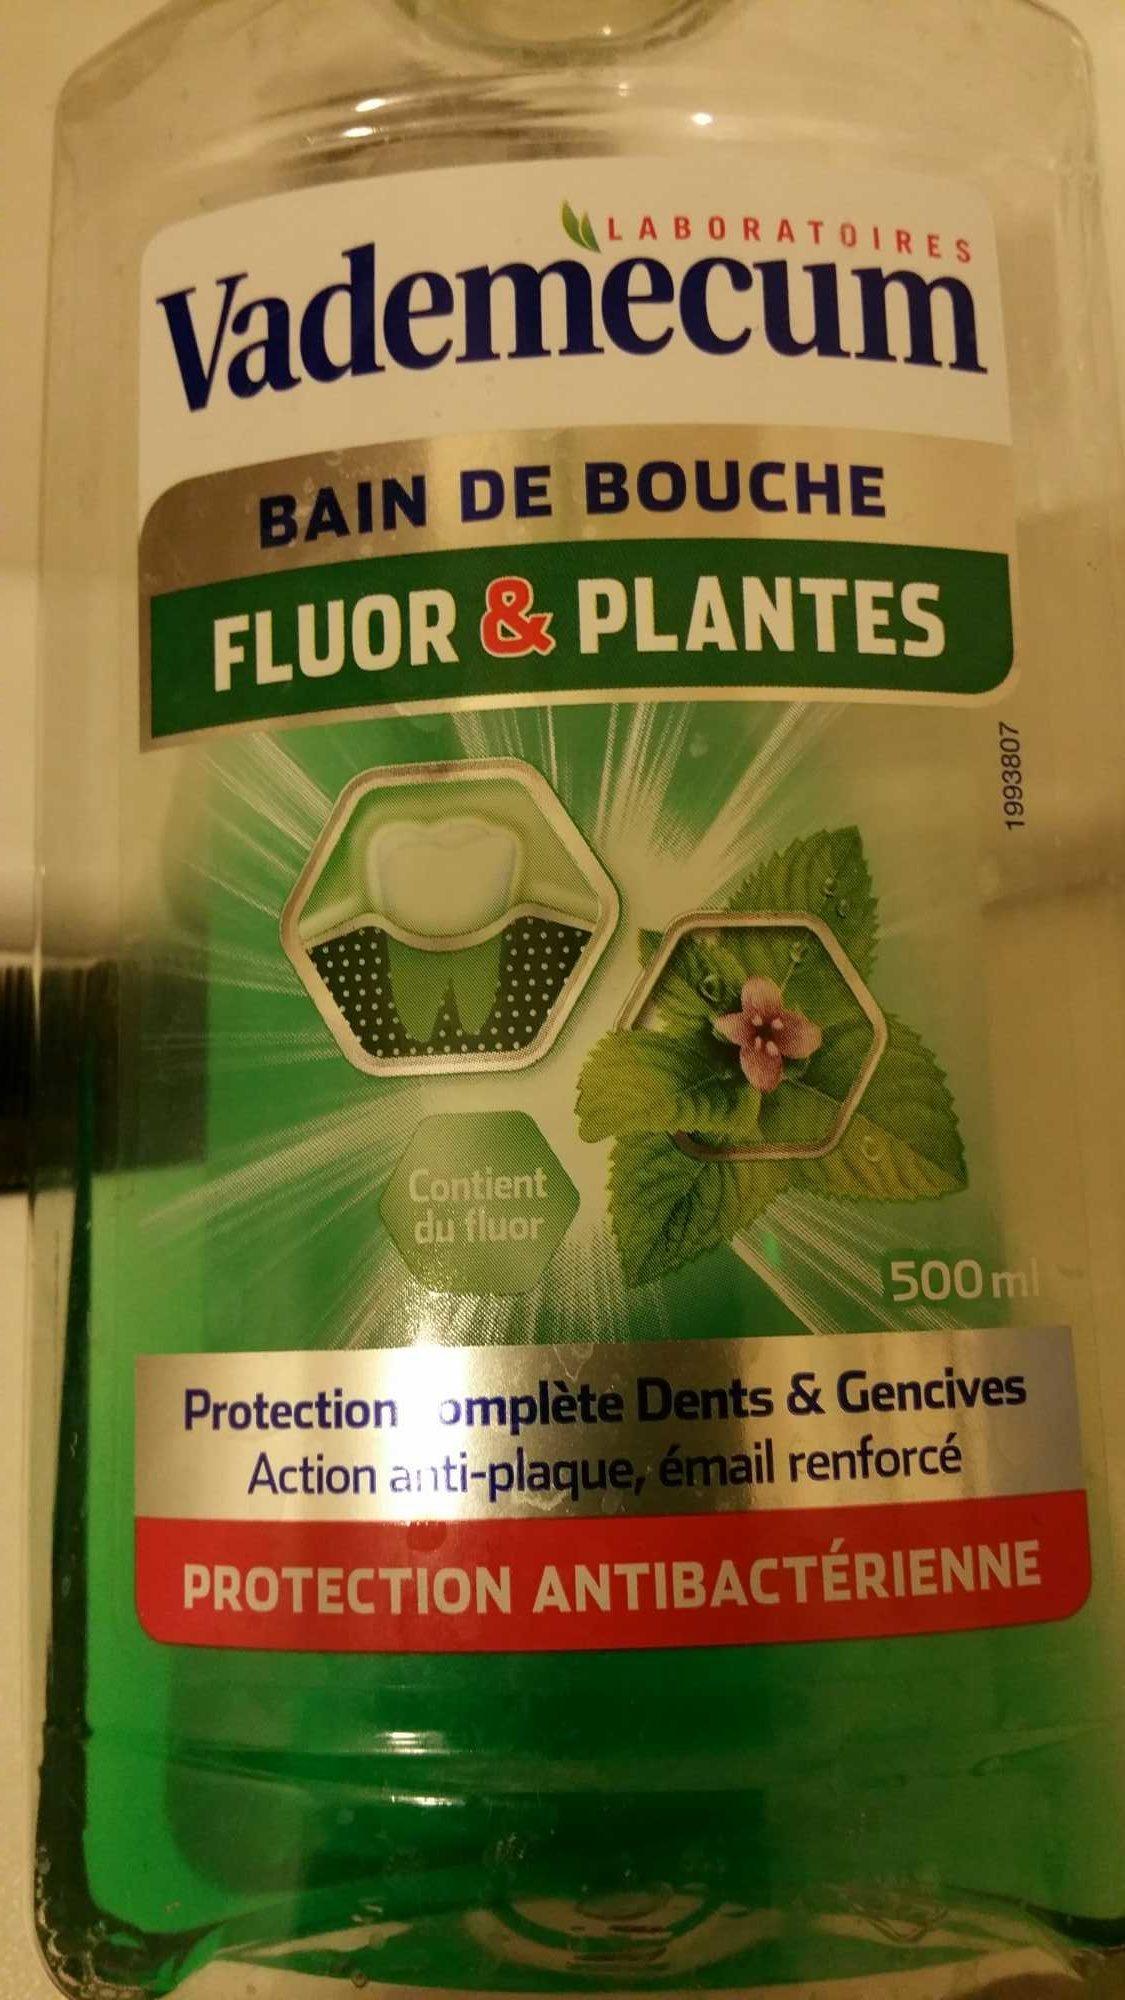 bain de bouche Fluor & plantes - Product - fr